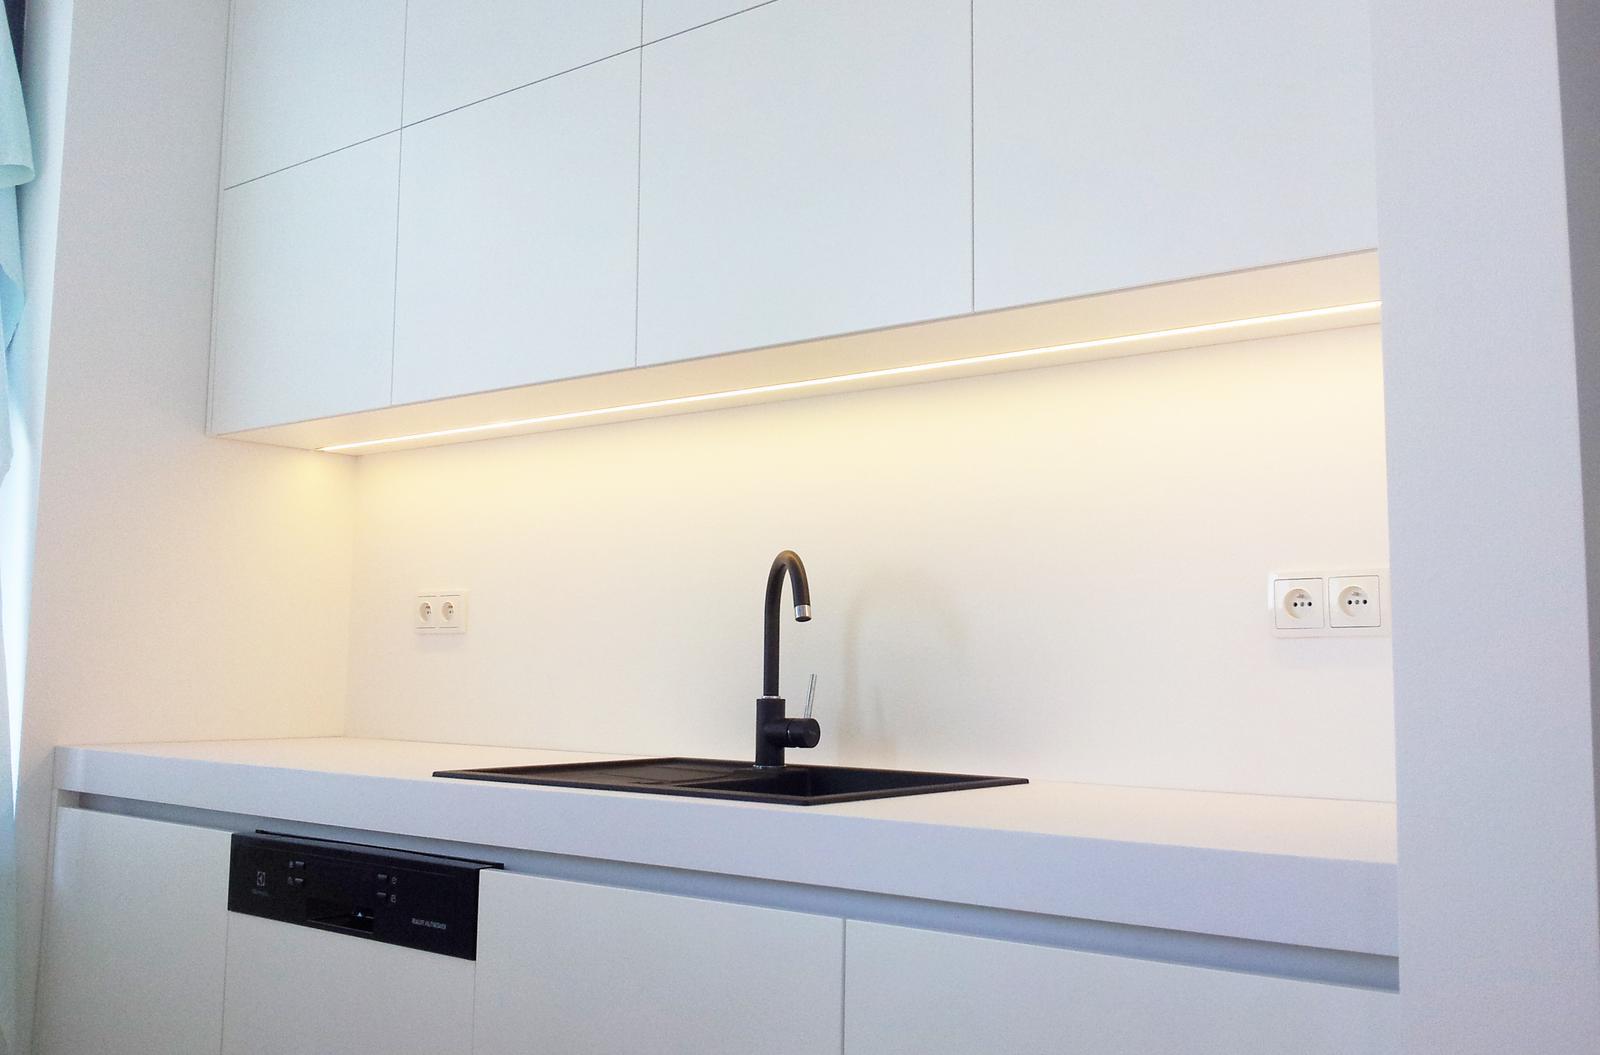 Dizajn a výroba nábytku na mieru Cubica - Biela striekaná matná kuchyňa - výroba cubica